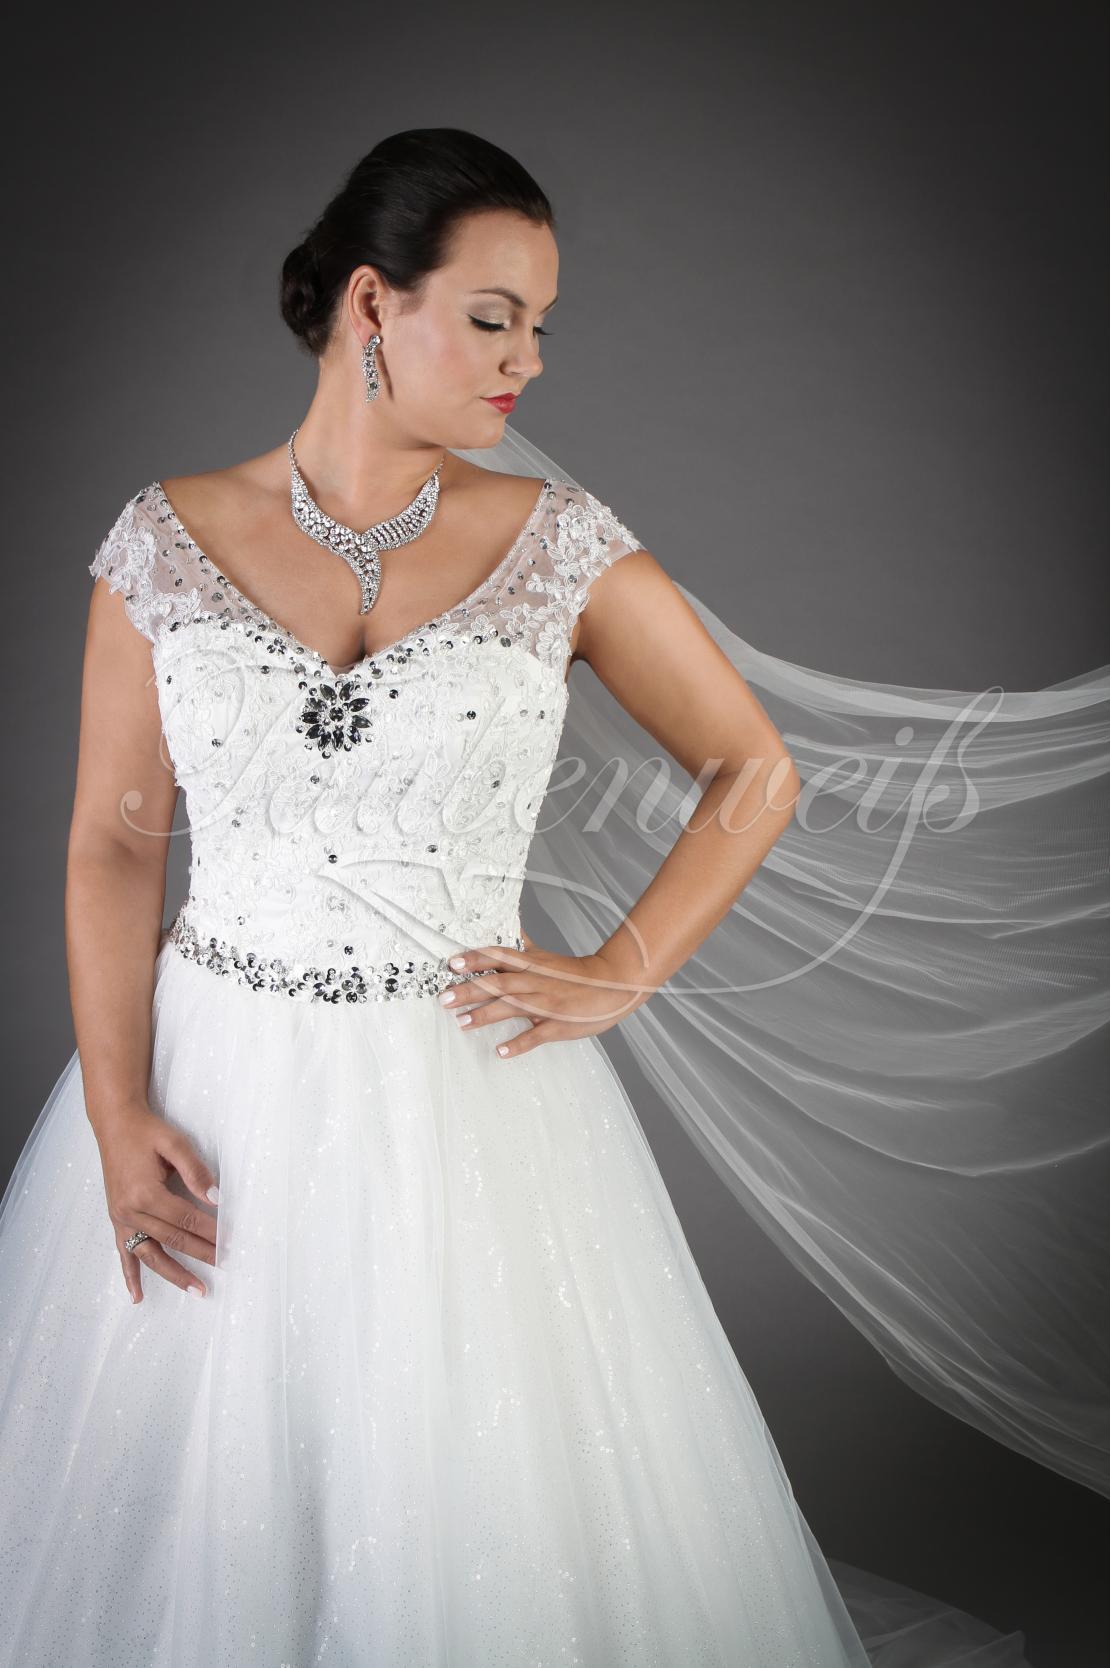 Brautkleid TW Ileana mit glitzernder Corsage und vollem Tüllrock